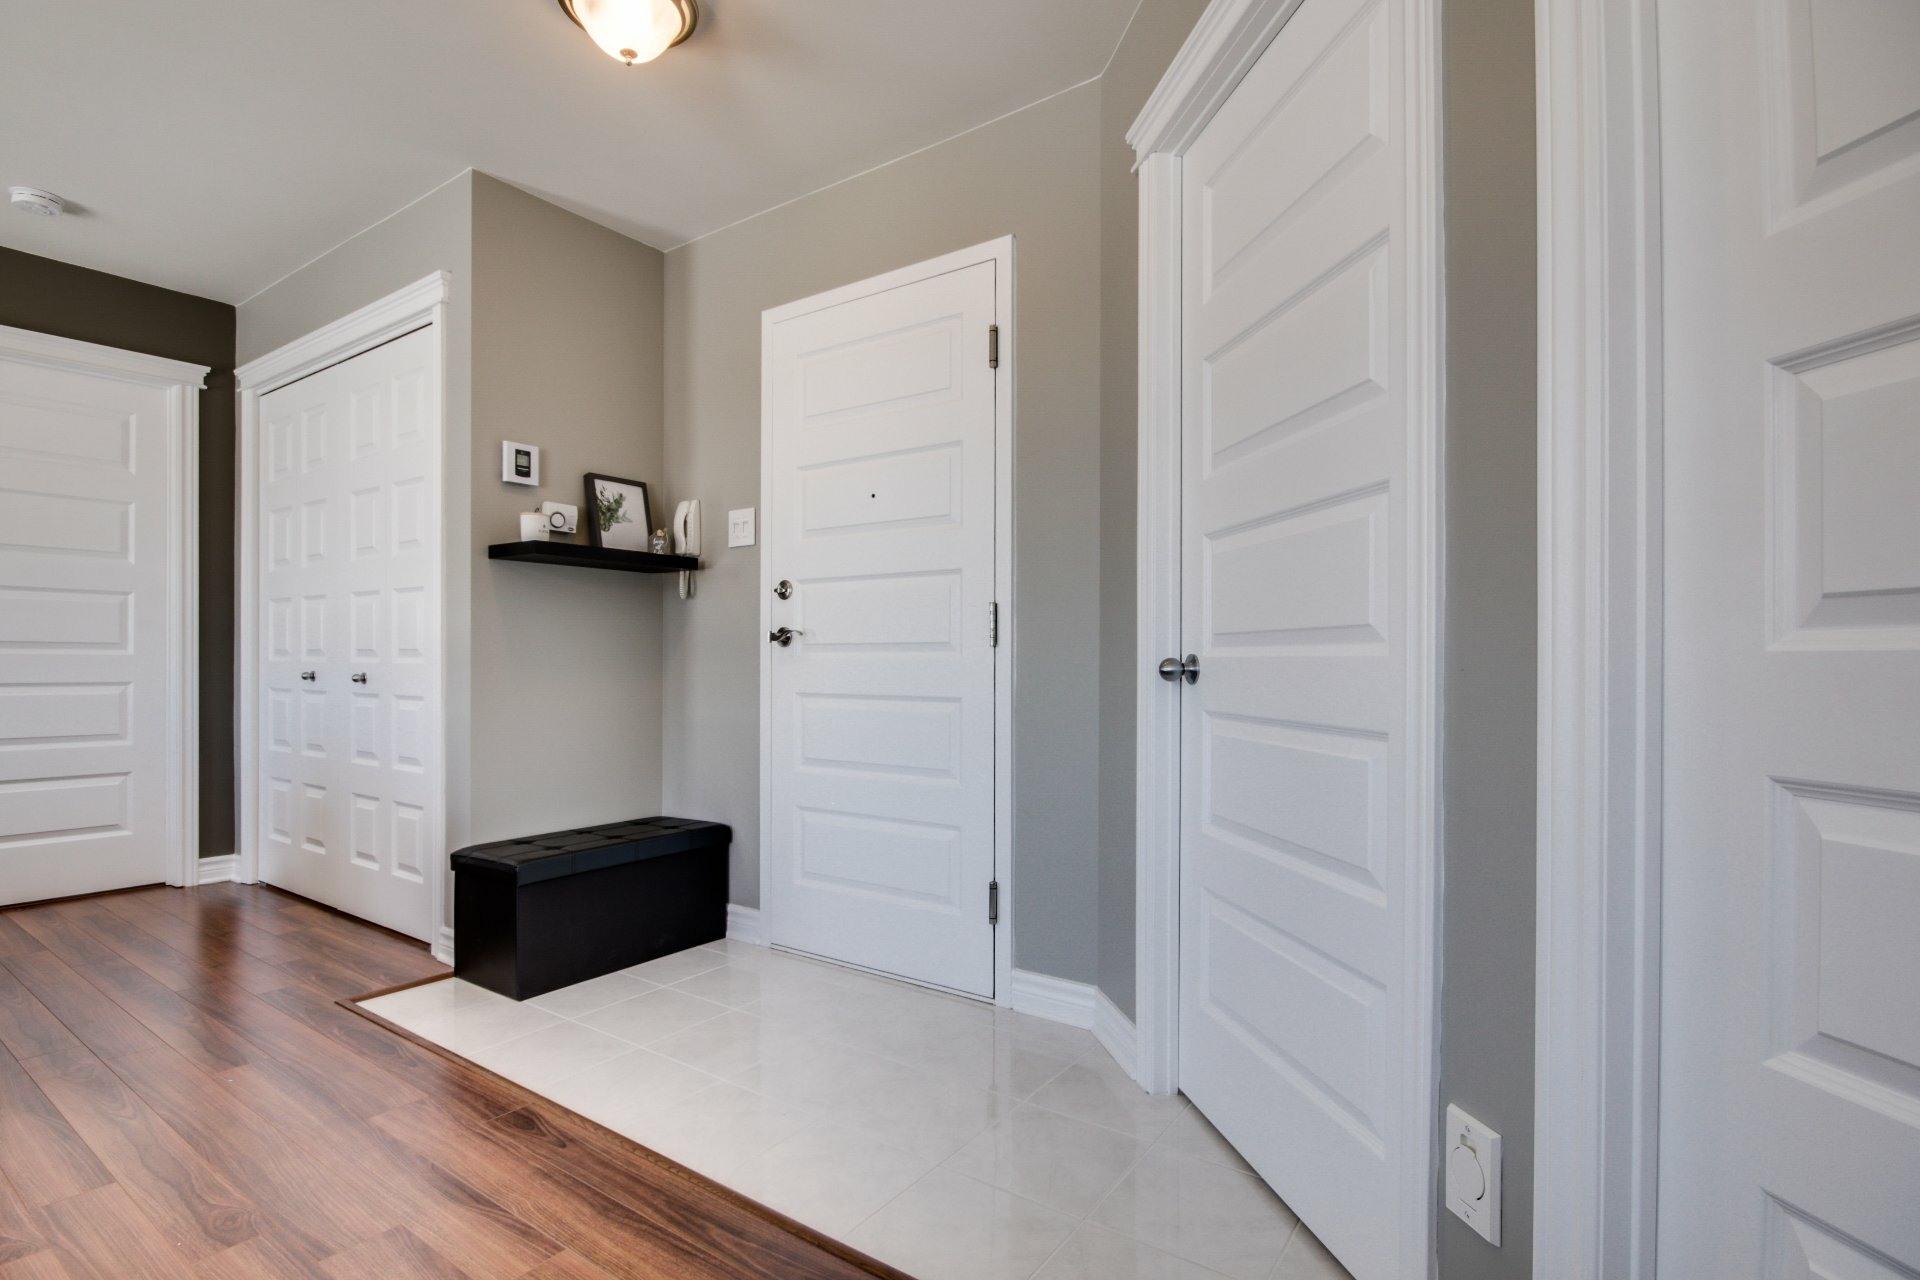 image 3 - Apartment For sale Trois-Rivières - 6 rooms